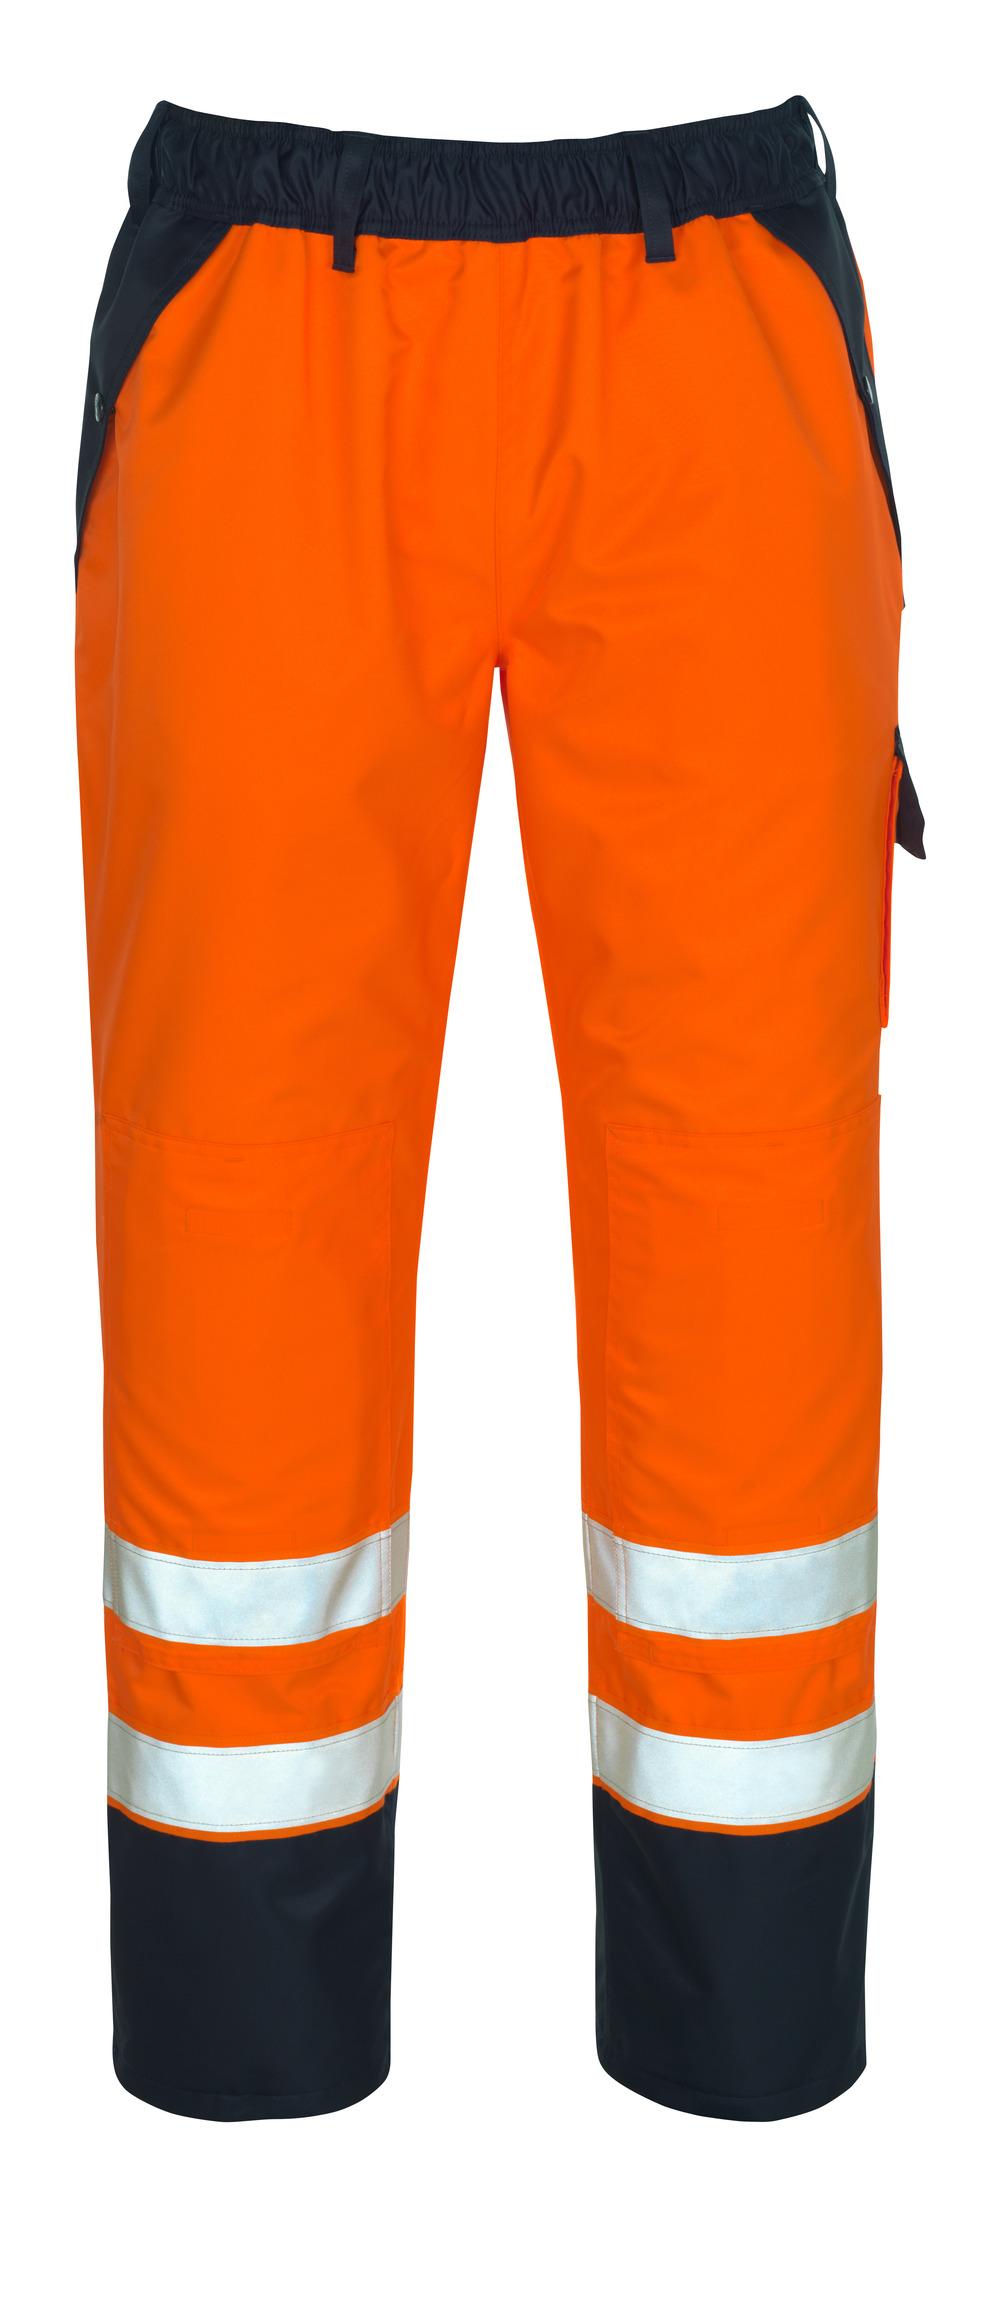 07090-880-141 Sovrapantalone con tasche porta-ginocchiere - arancio hi-vis/blu navy